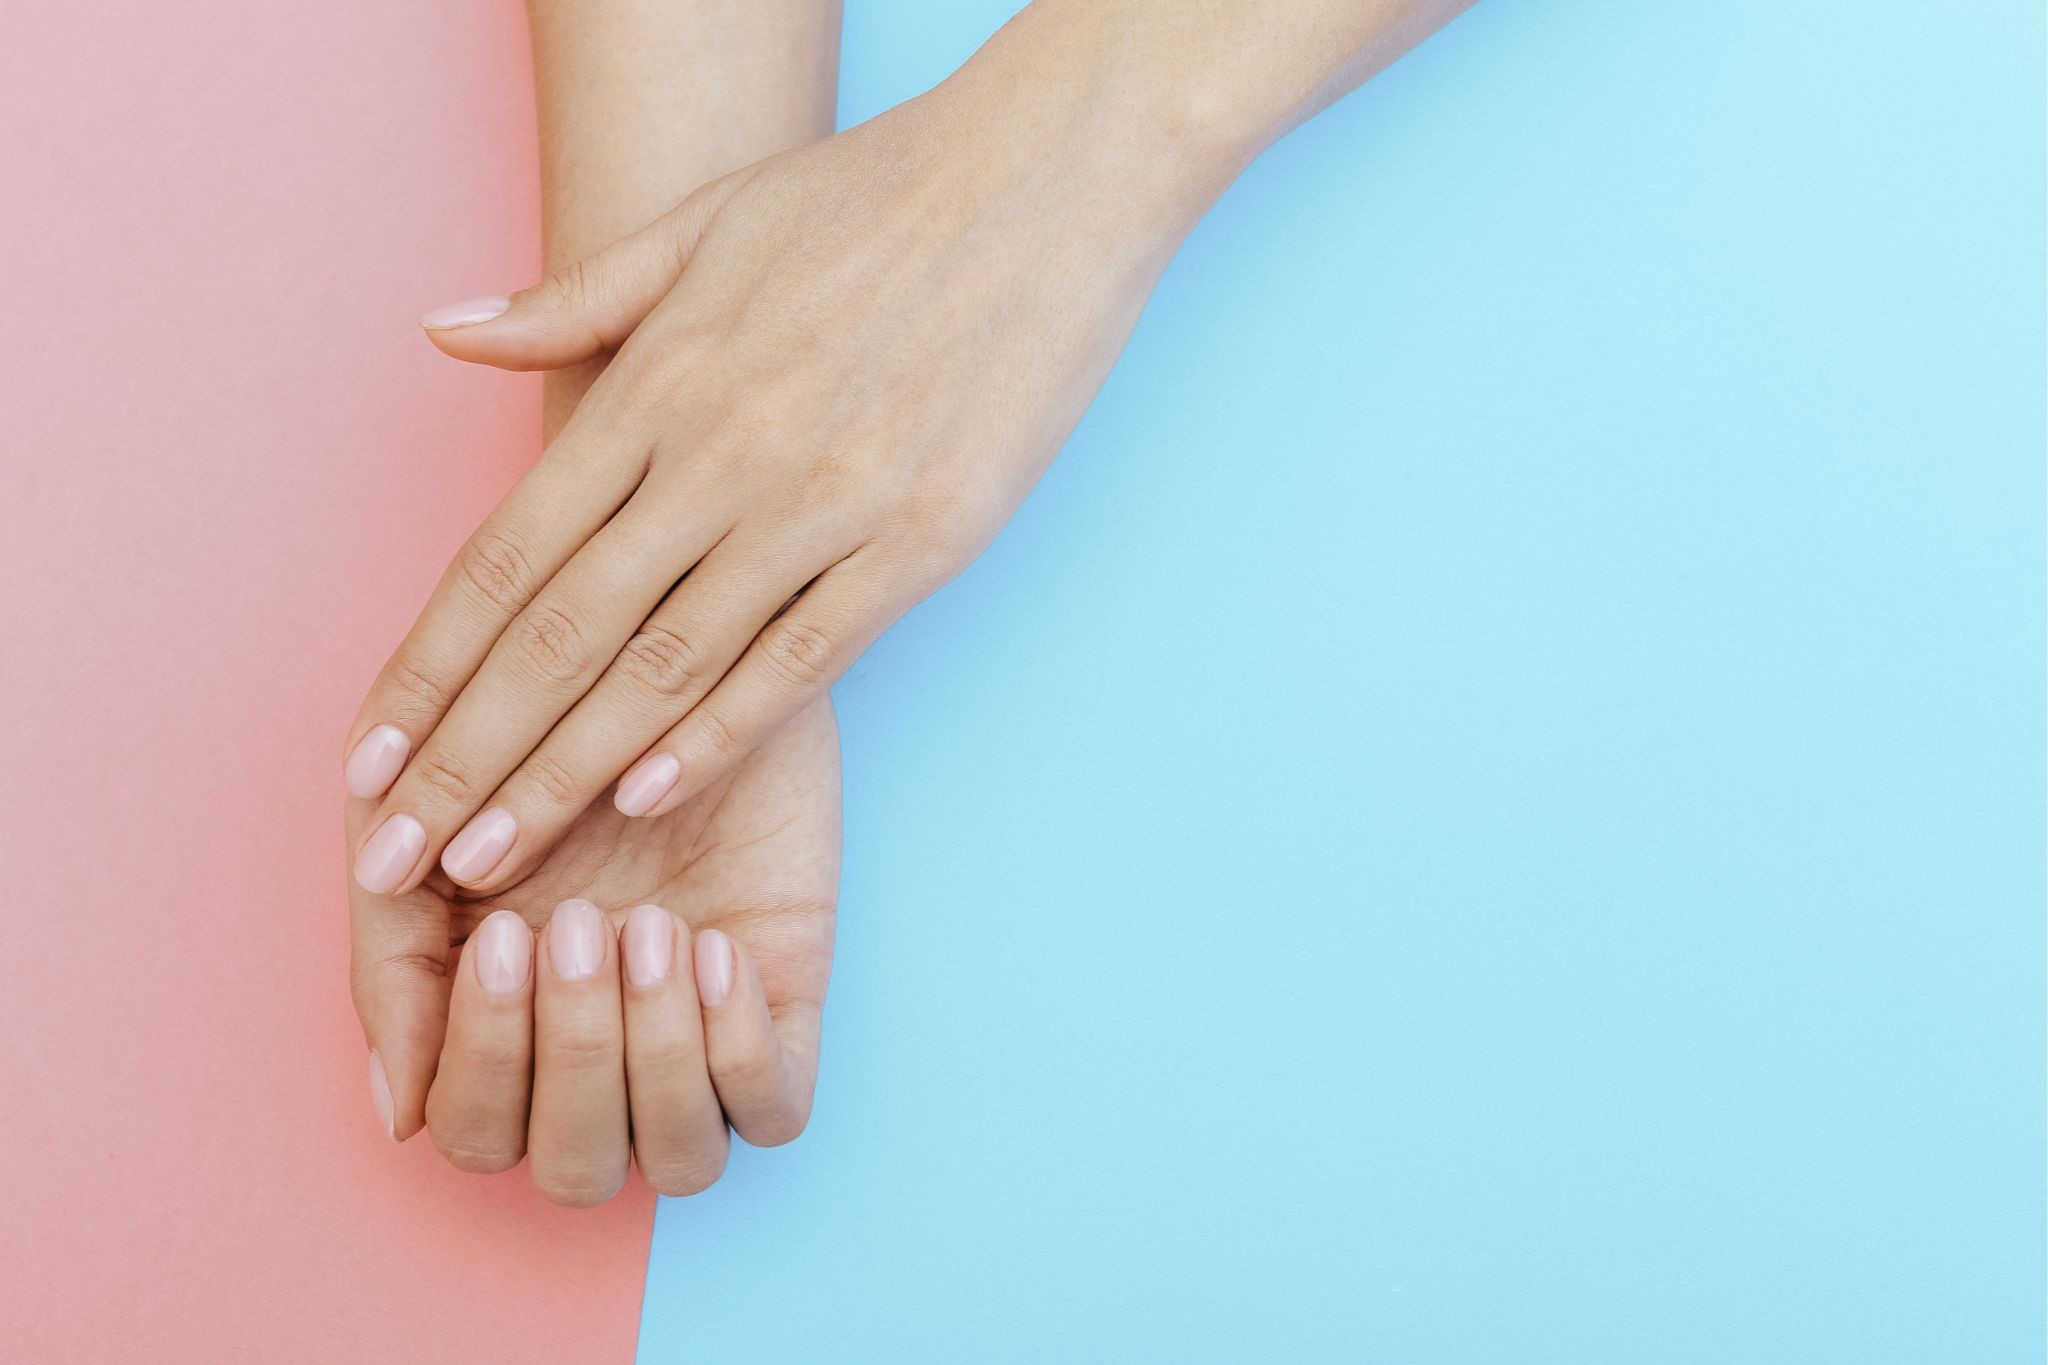 美容部員のネイルはどんなものが最適?手のケアについてもご紹介